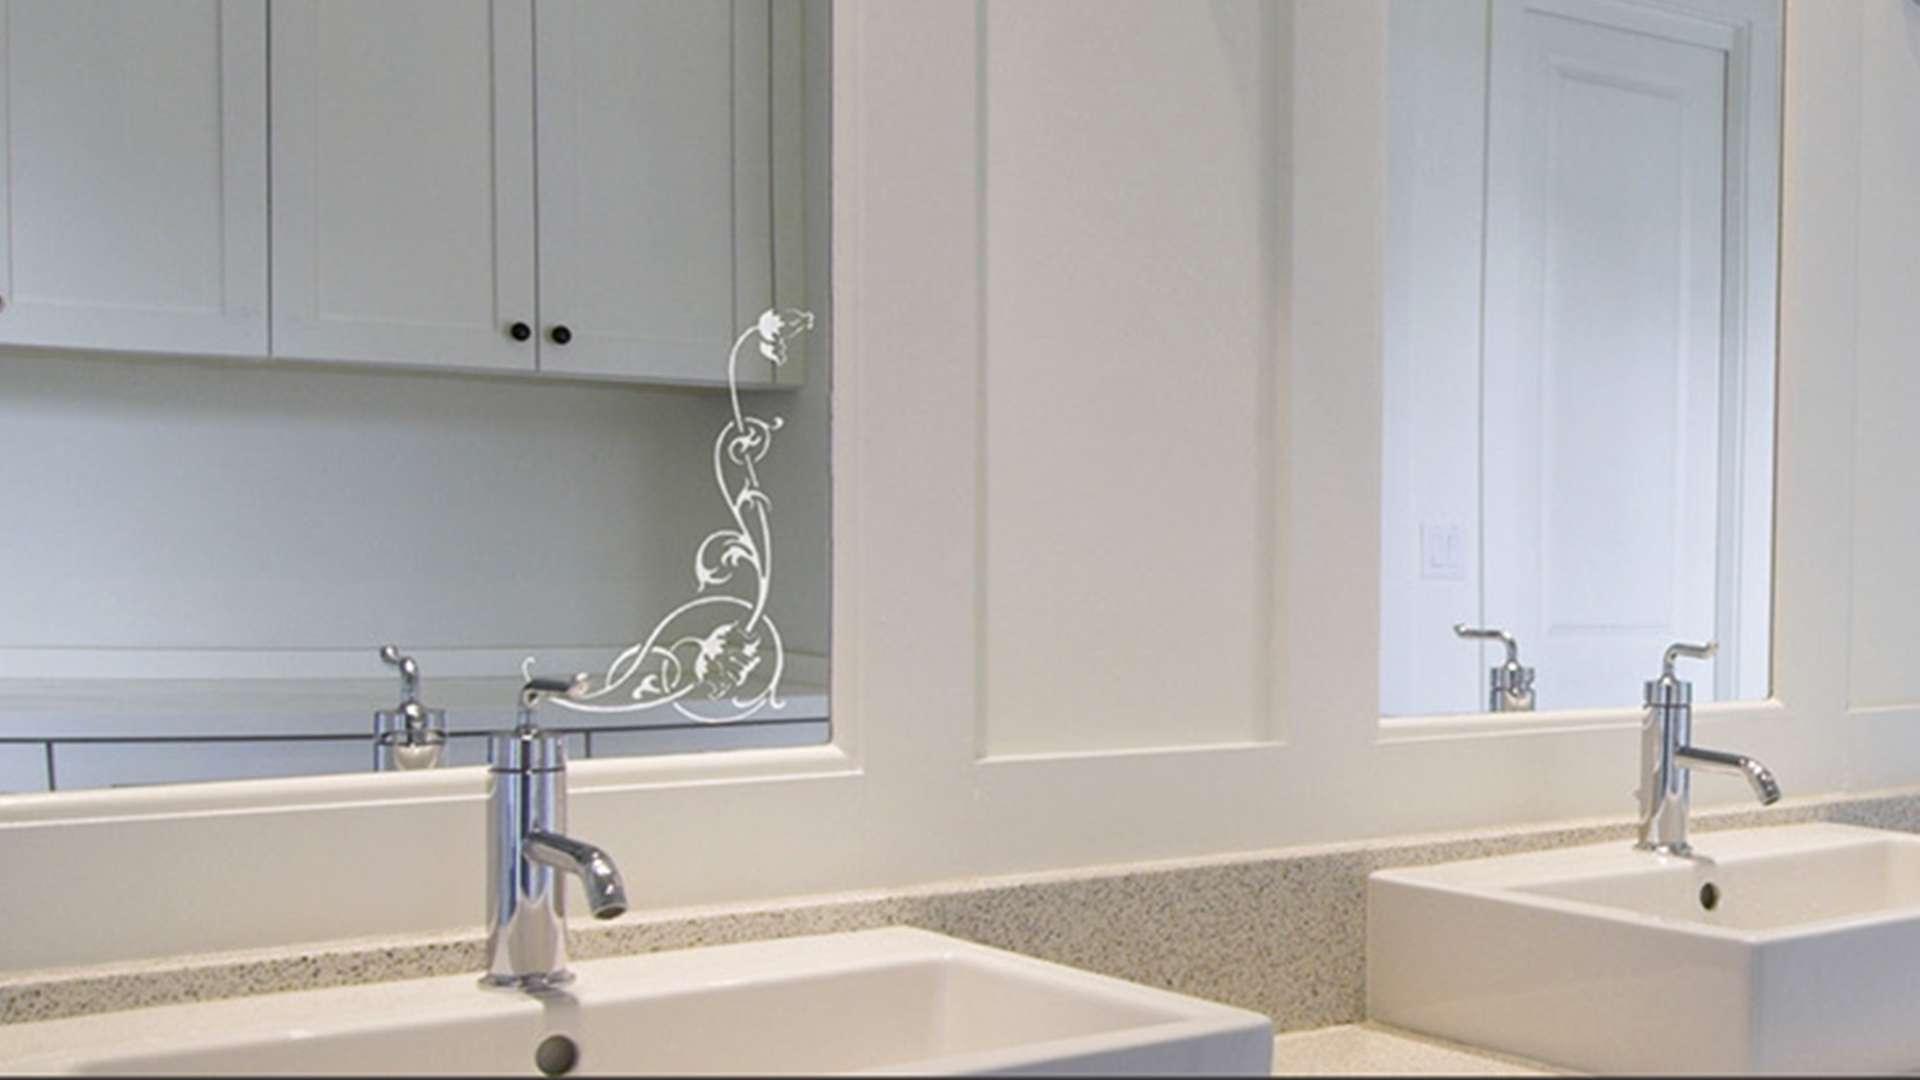 Spiegel hinter zwei Waschbecken in einem Badezimmer